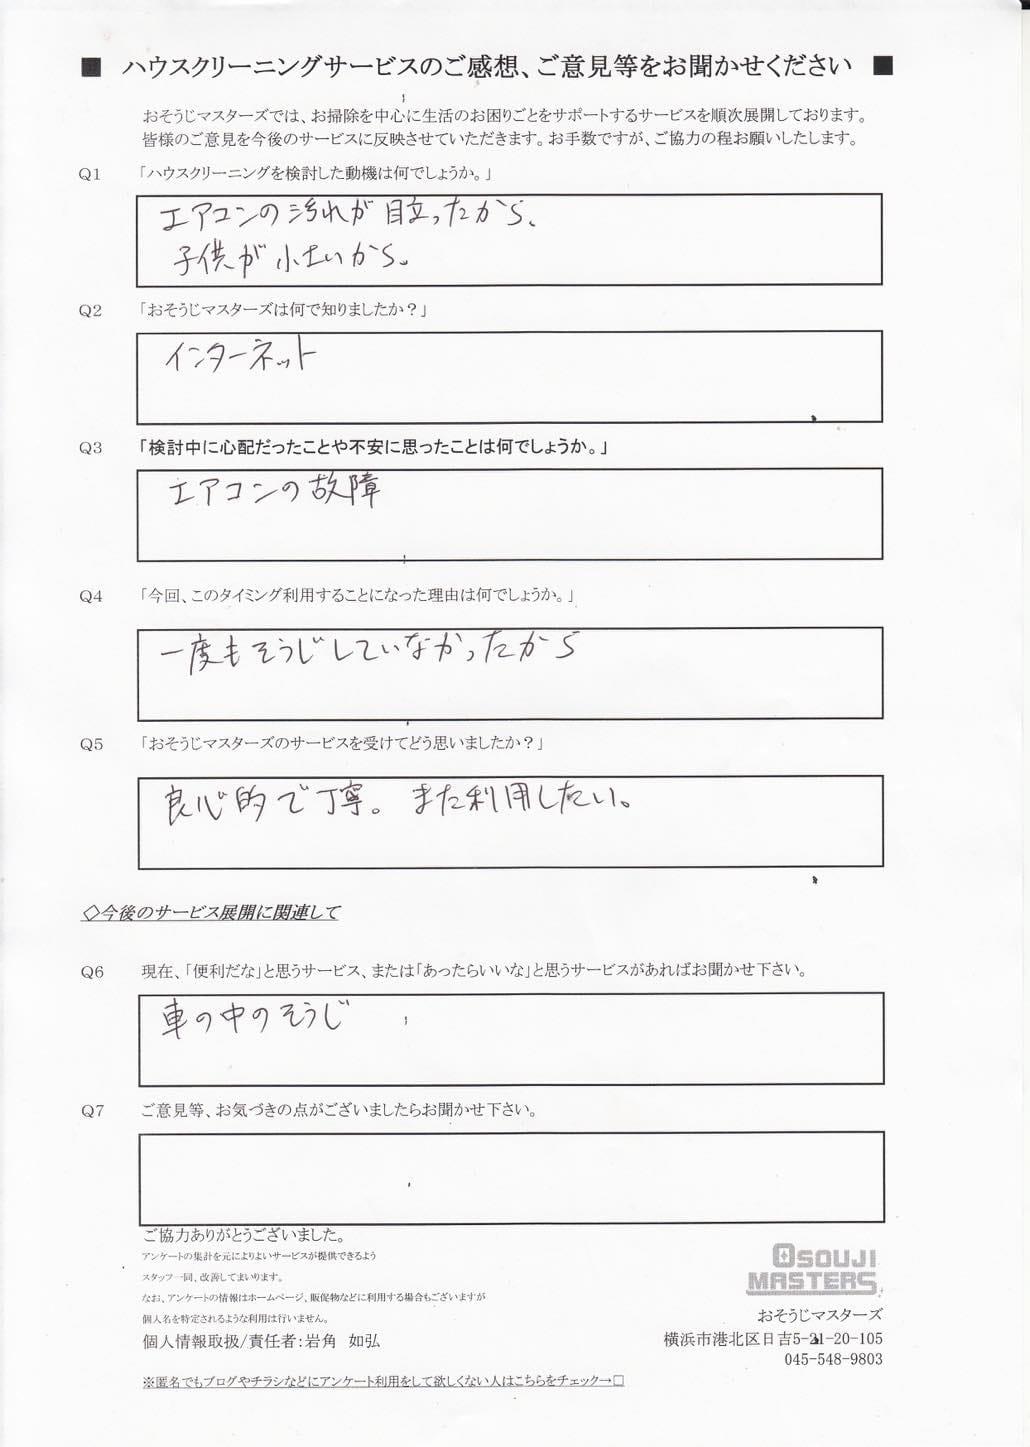 2015/07/08 エアコンクリーング 【横浜市旭区】